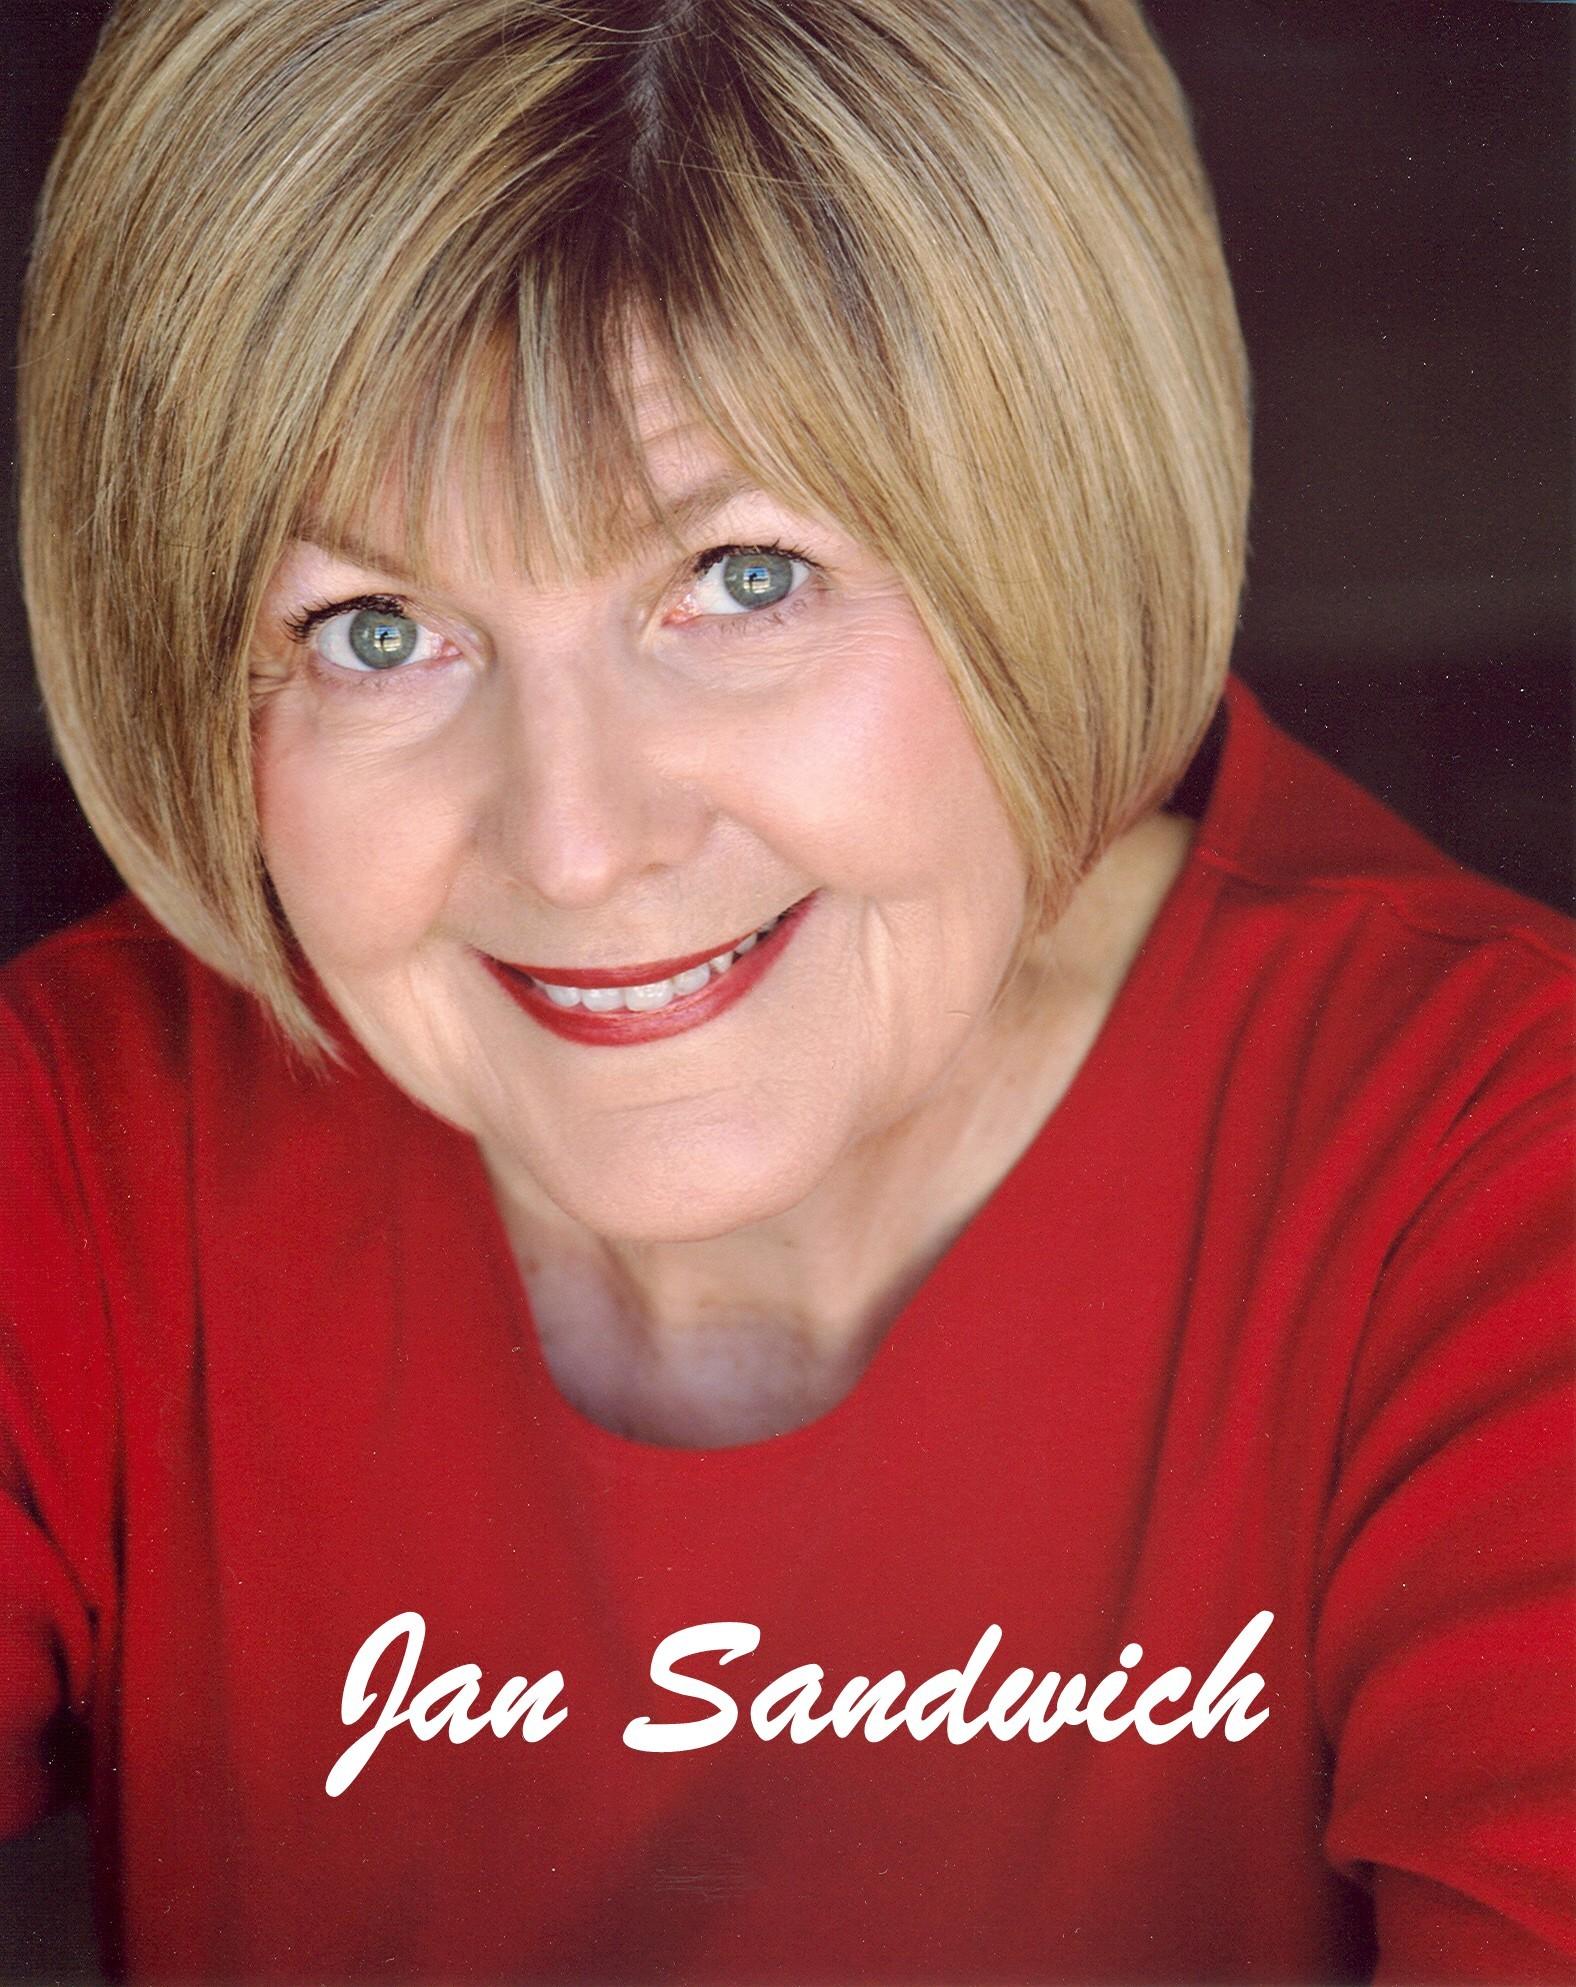 Jan Sandwich